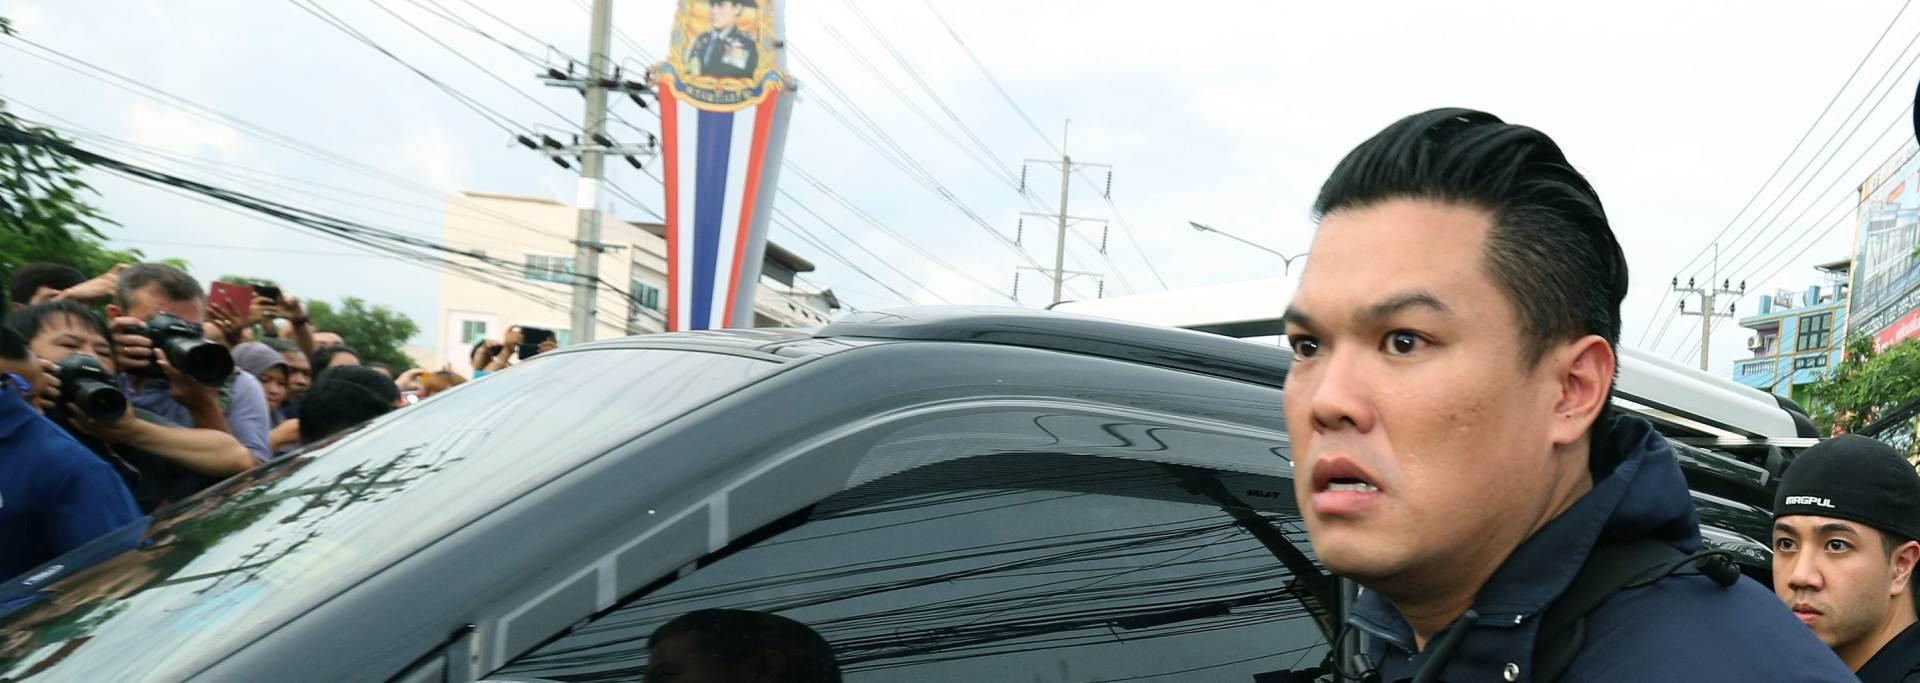 POTRAGA ZA TERORISTIMA: Dvoje novih osumnjičenih za napad u Bangkoku